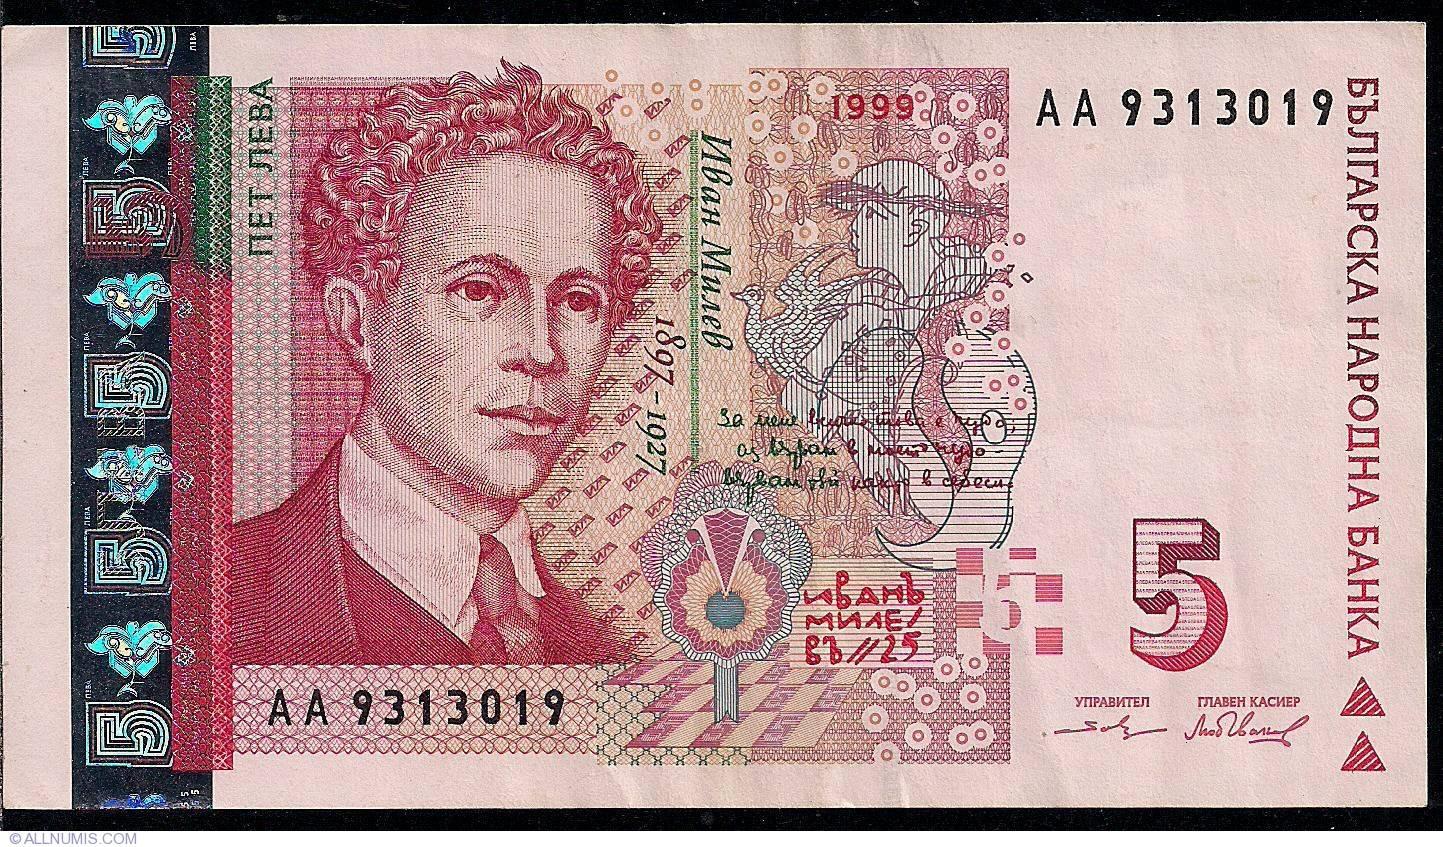 5 долларов сша в болгарских львах